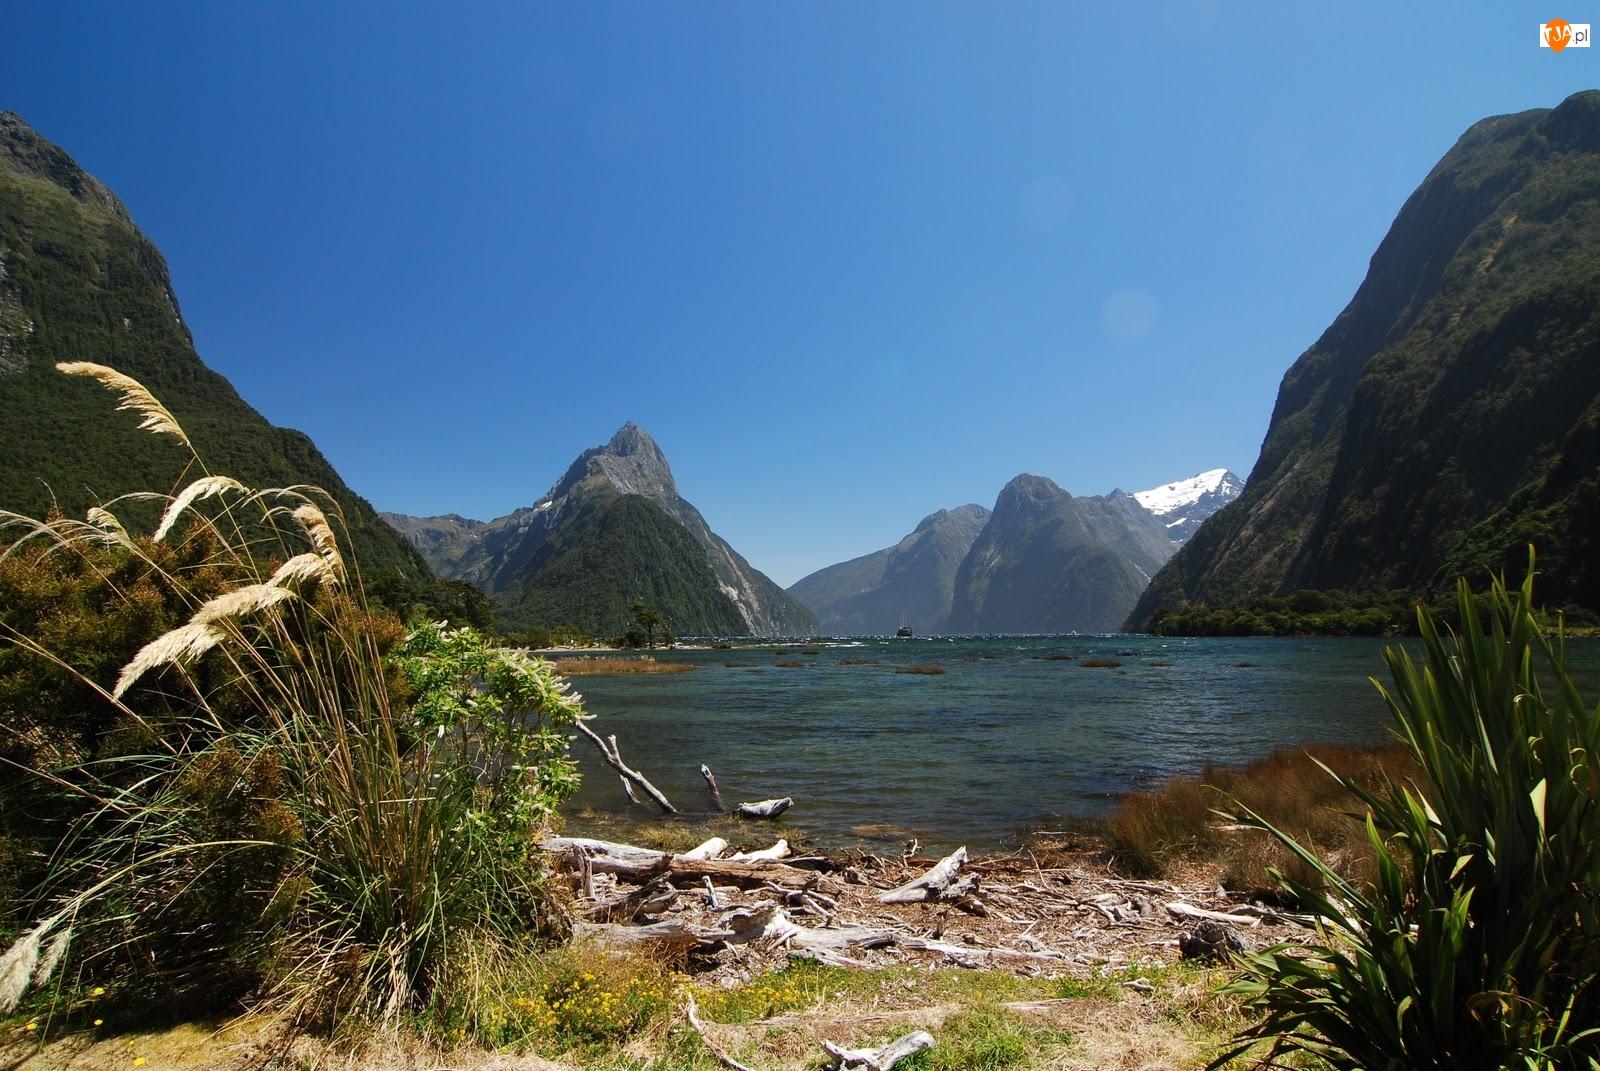 Jezioro, Nowa Zelandia, Góry, Milford Sound